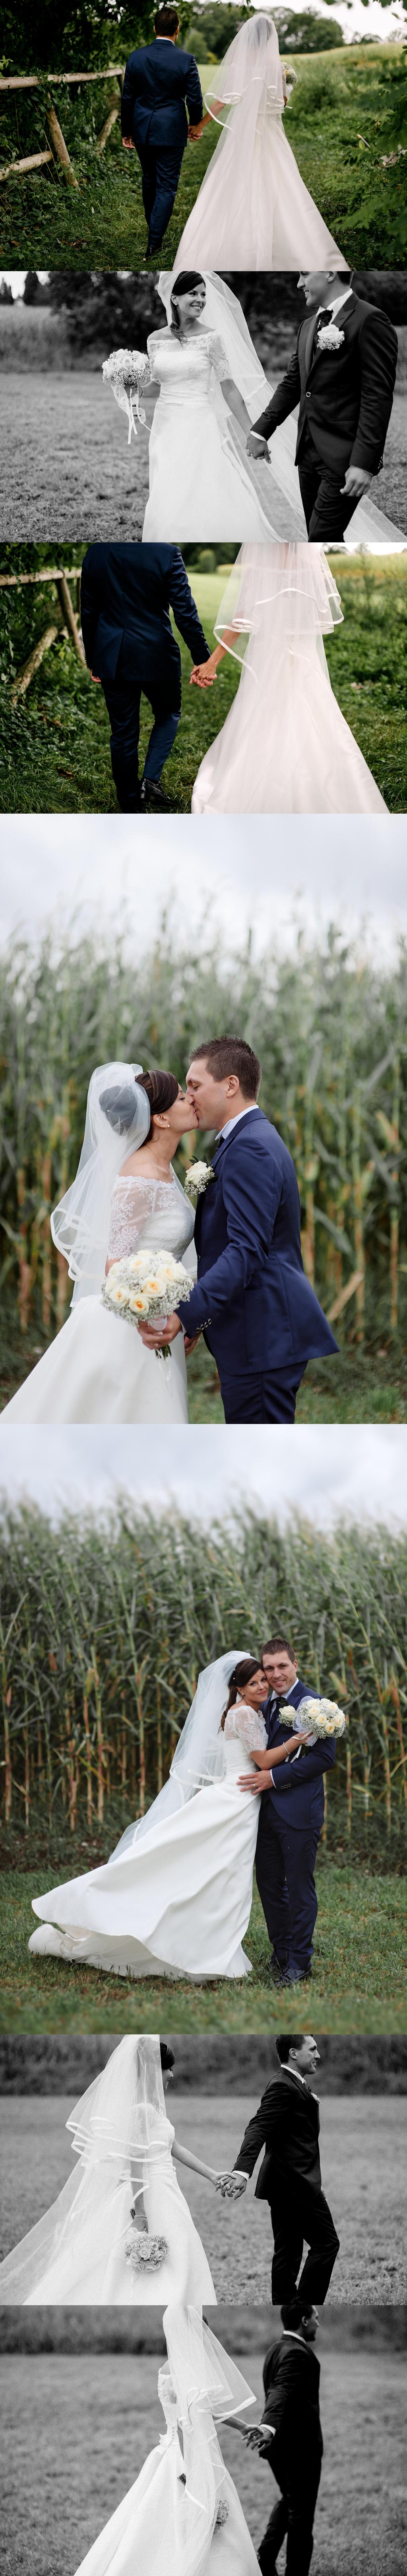 fotografo matrimonio foto di coppia